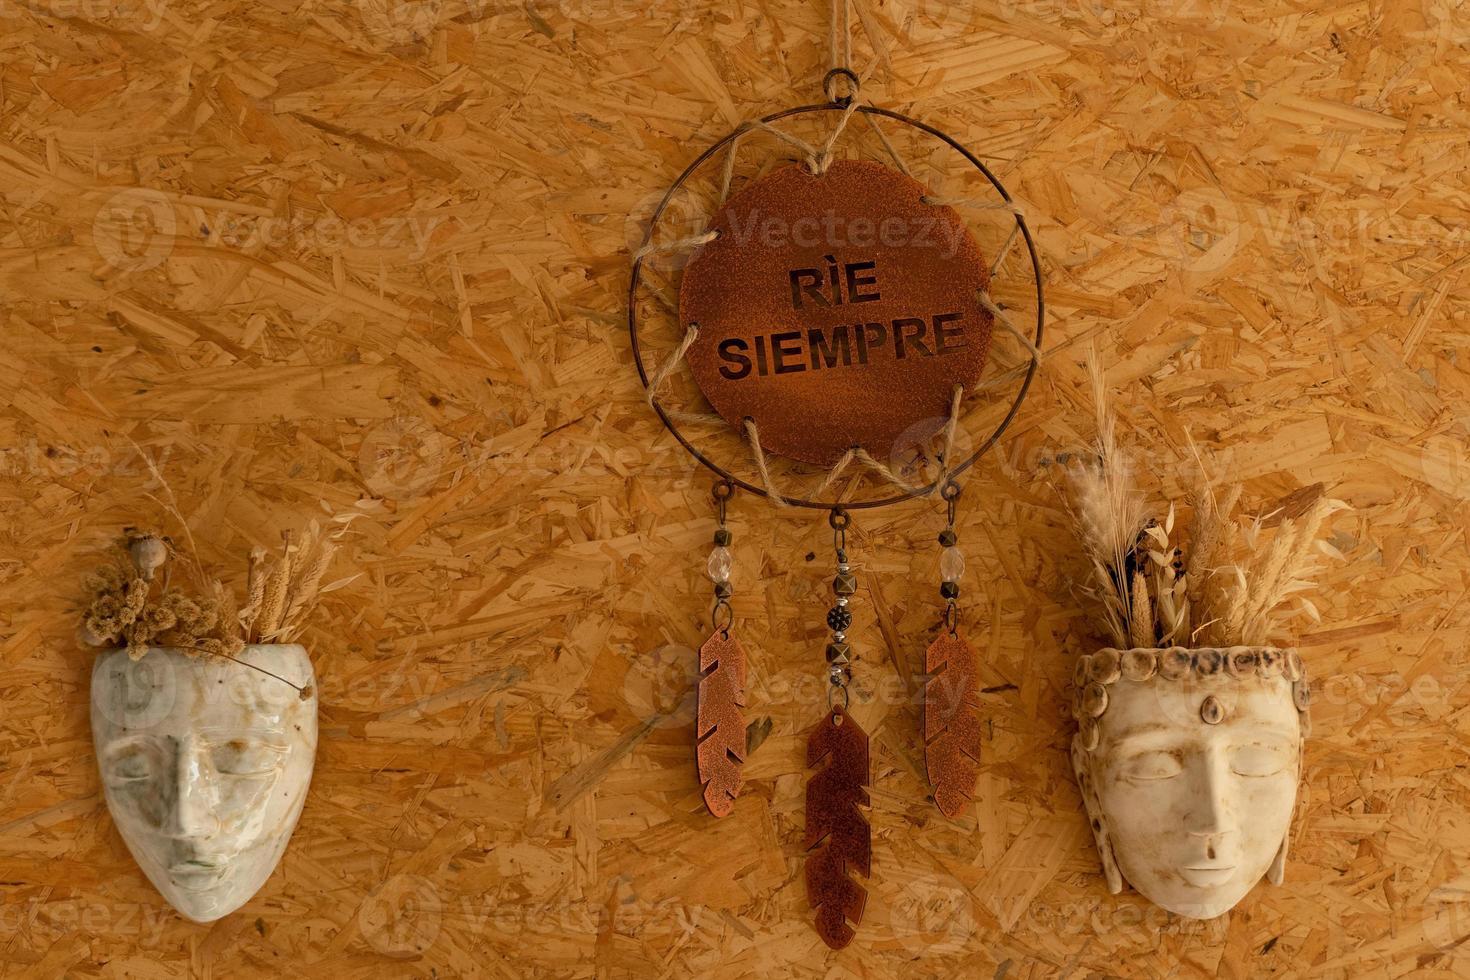 affiche avec message espagnol et masques en céramique pour décorations murales photo